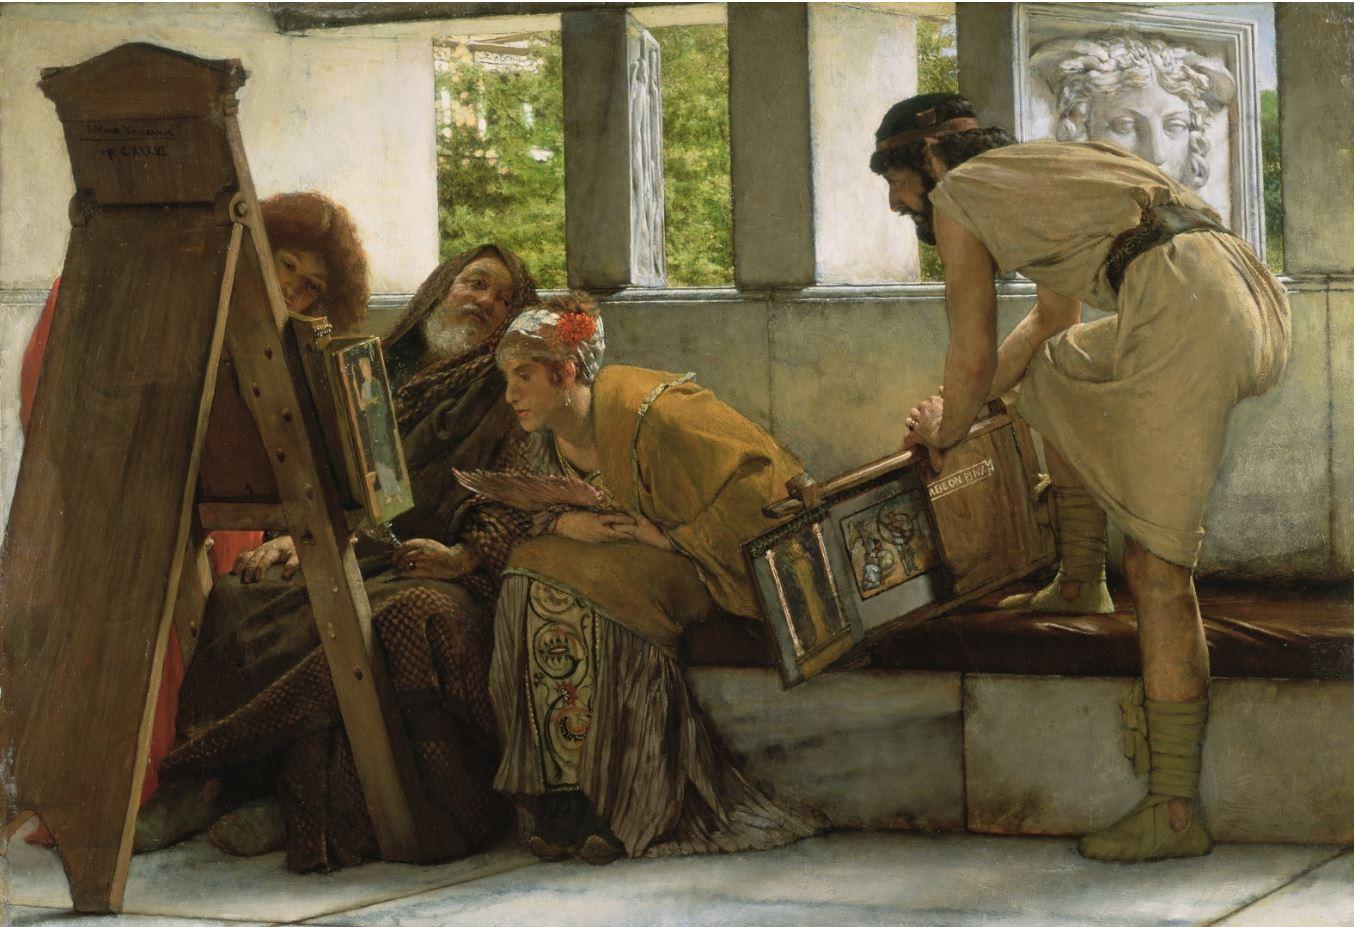 Лоуренс Альма-Тадема - В римской мастерской, 1874